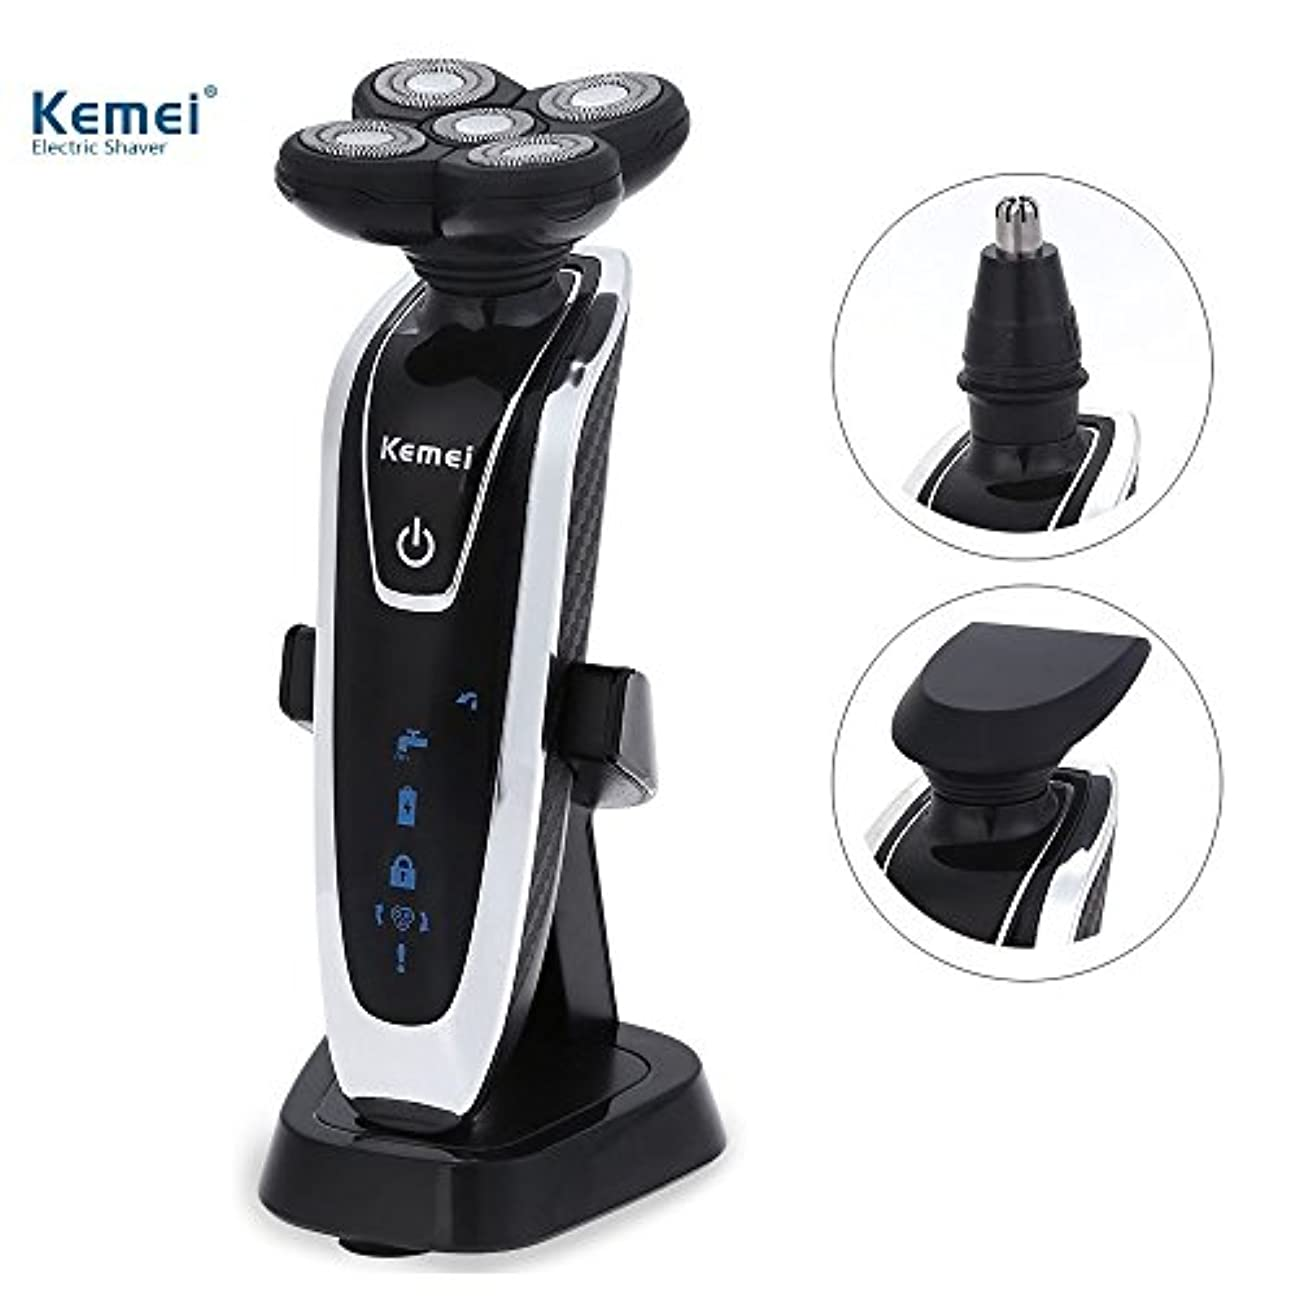 Kemei 5888 3 in 1電気シェーバー充電式多機能5 dフローティングシェーバーかみそりで充電ブラケットIPX 7防水